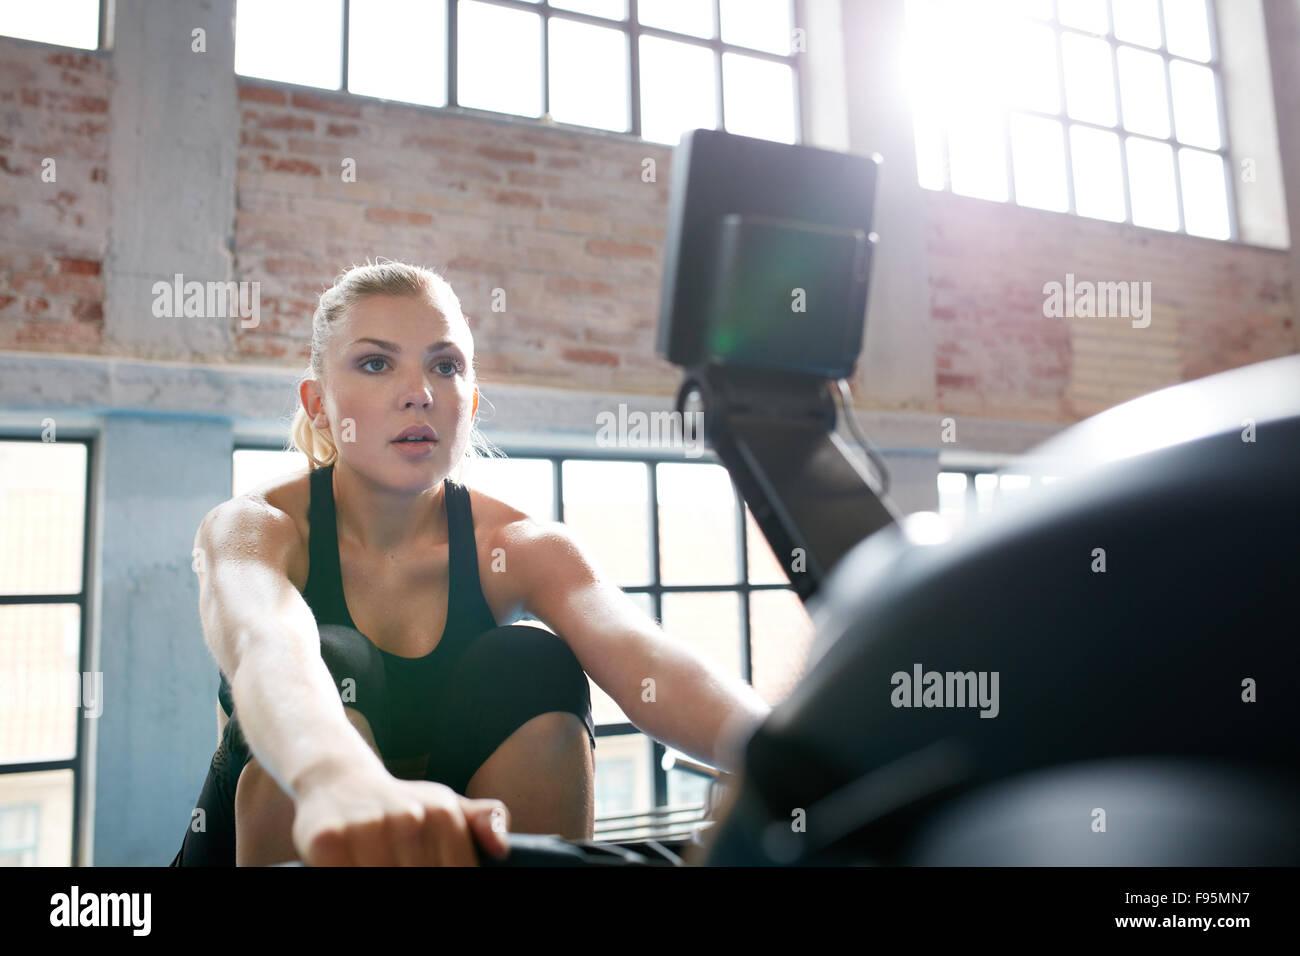 Colocar joven que trabaja en una máquina de remo en el gimnasio. Mujeres caucásicas haciendo ejercicio Imagen De Stock